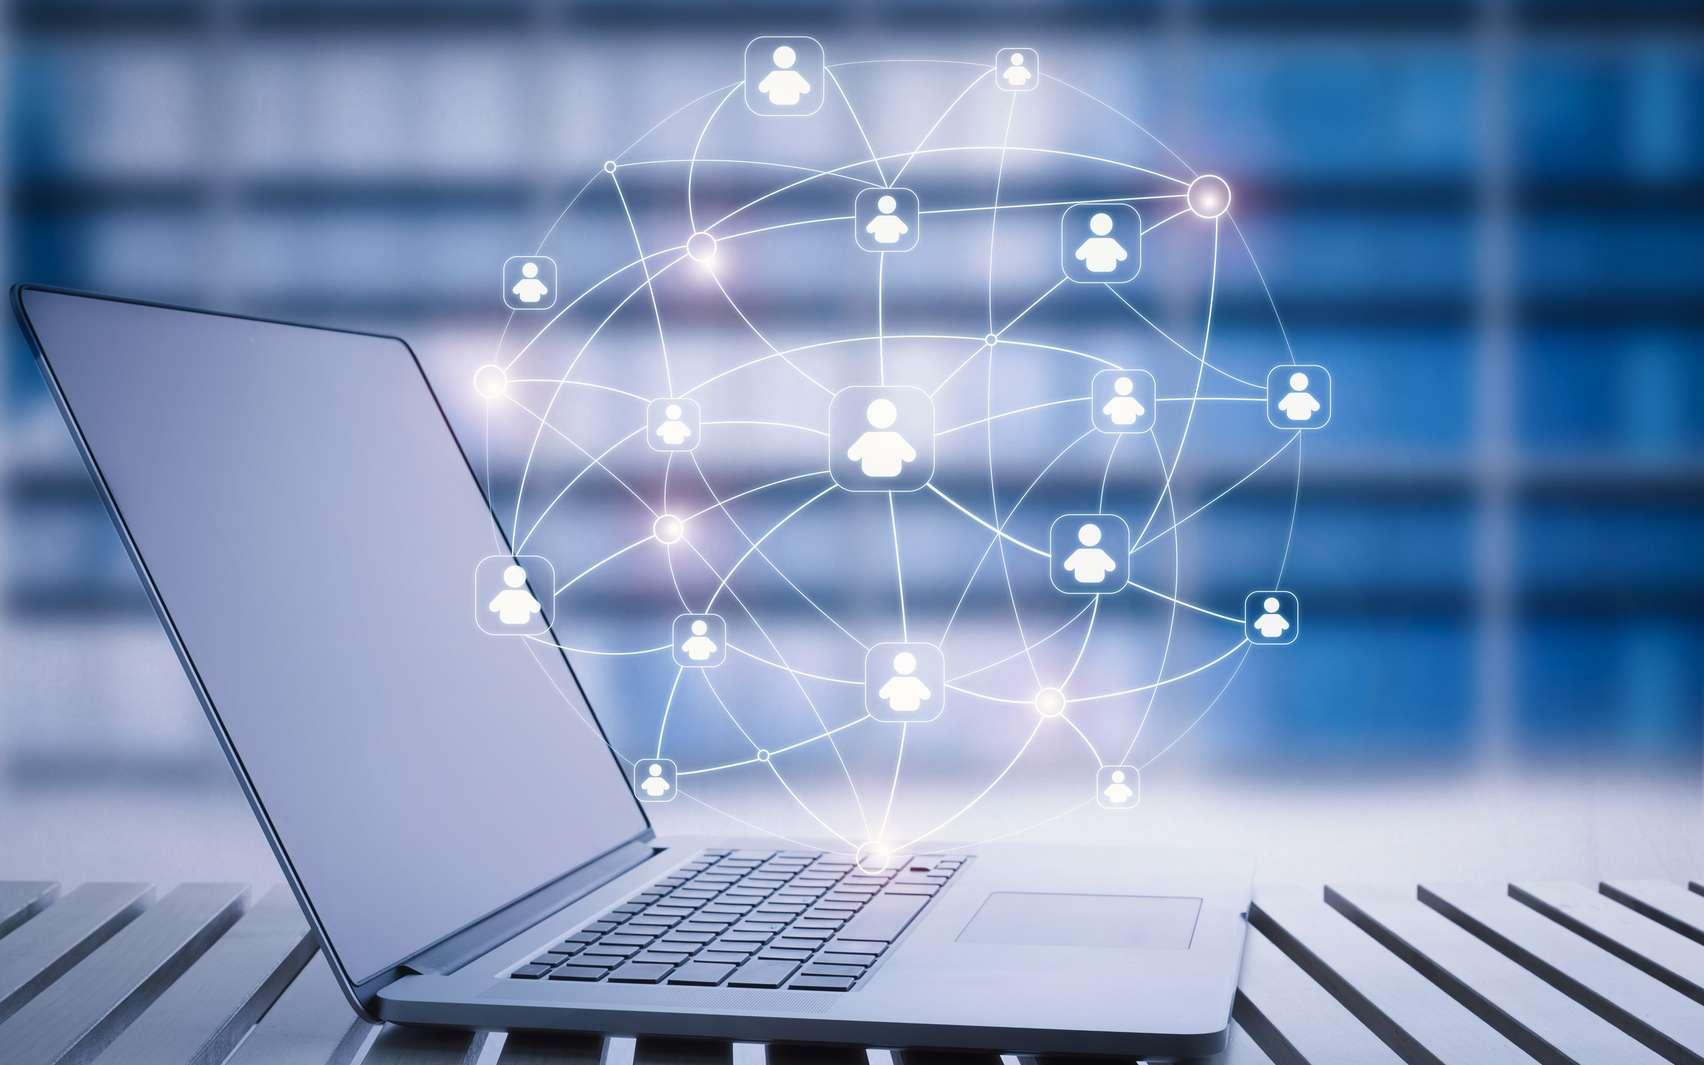 Facebook va devoir rendre des comptes dans l'affaire Cambridge Analytica. © Phonlamaiphoto, Fotolia